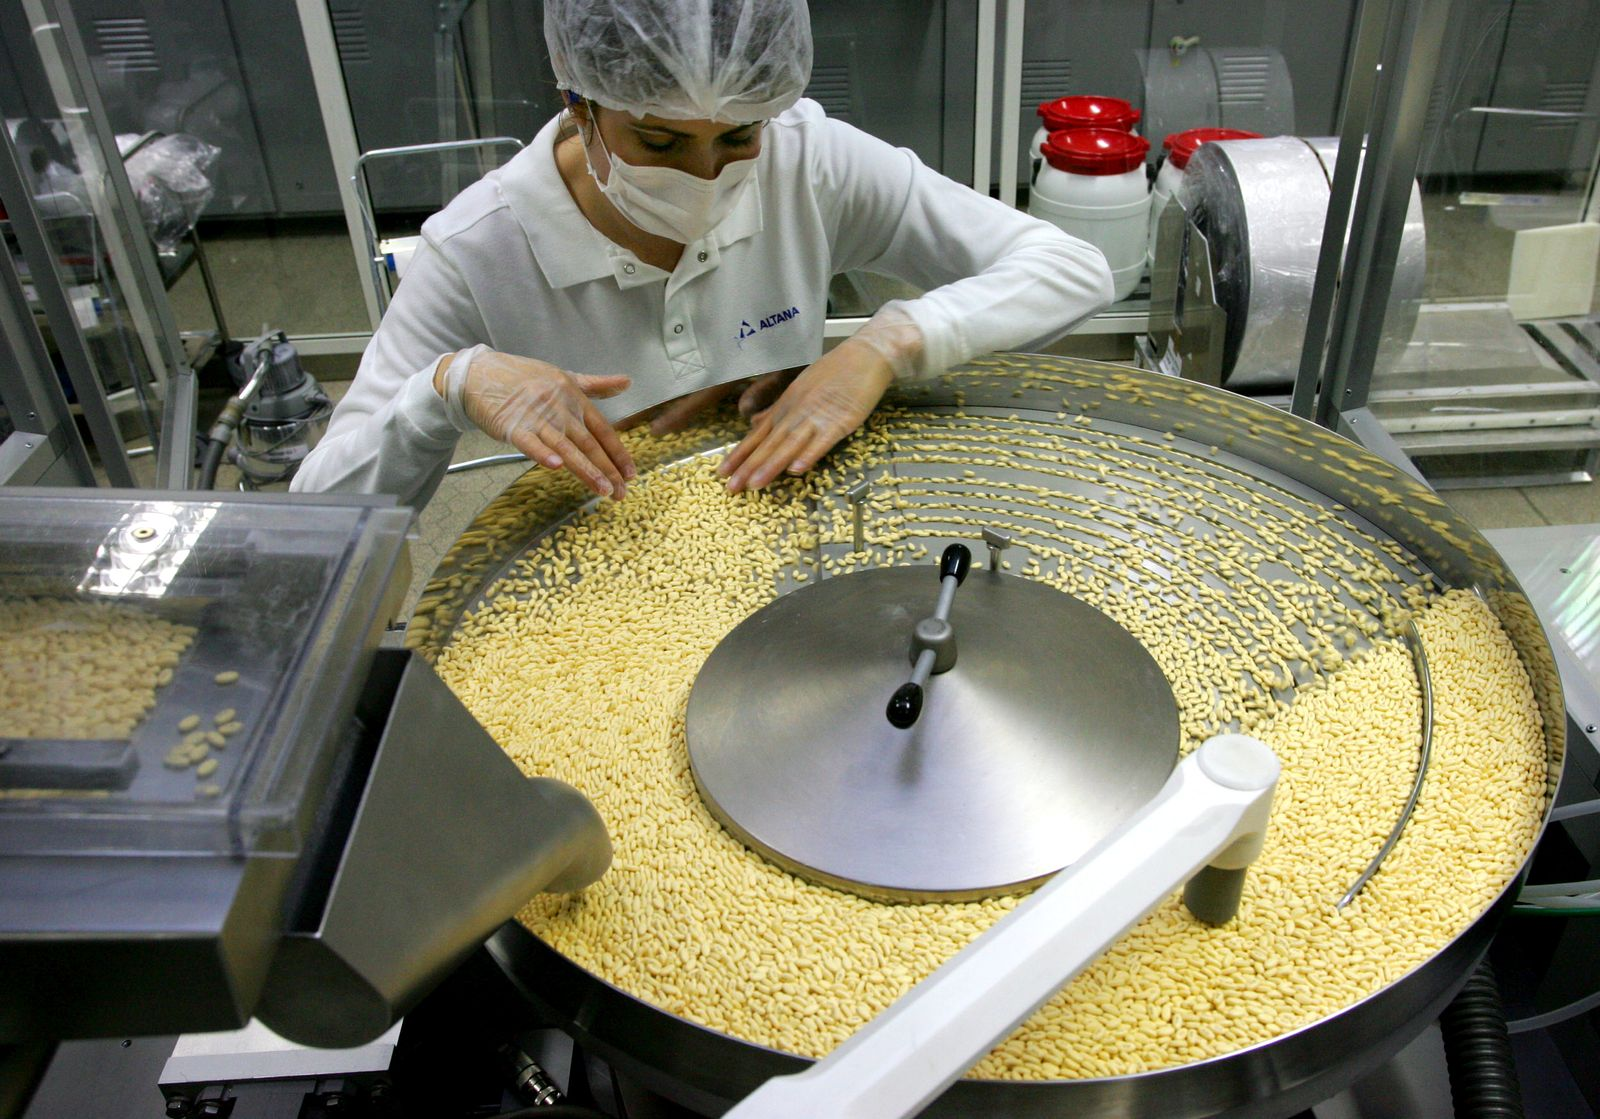 NICHT VERWENDEN Tabletten / Produktion